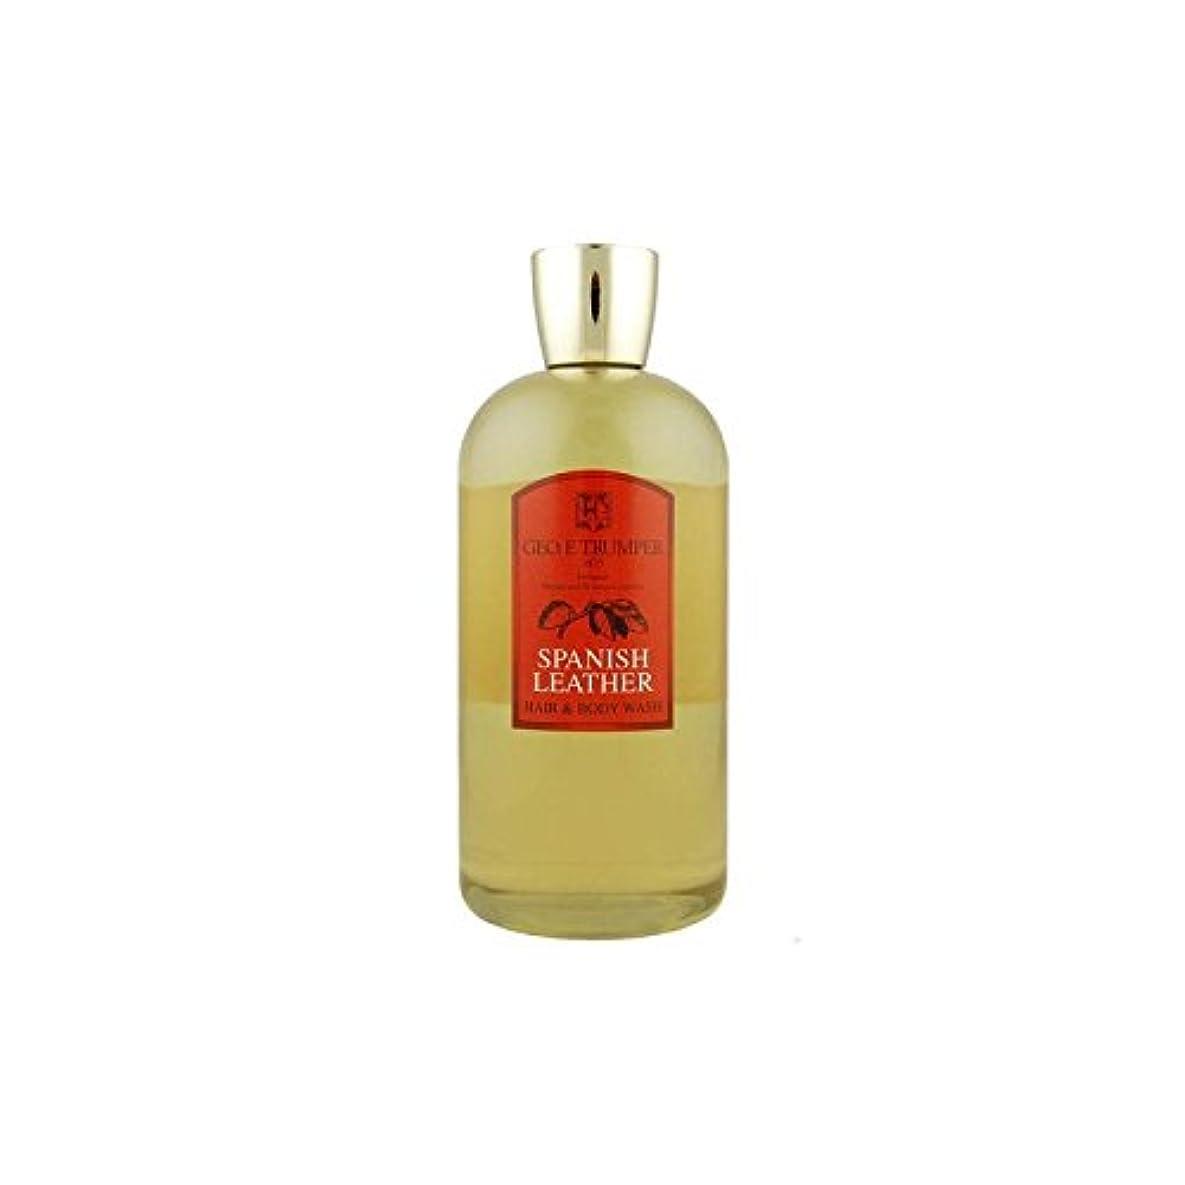 クアッガ幸運な私たち革の髪とボディウォッシュスペイン語 - 500ボトル x2 - Trumpers Spanish Leather Hair and Body Wash - 500mlTravel Bottle (Pack of 2) [...